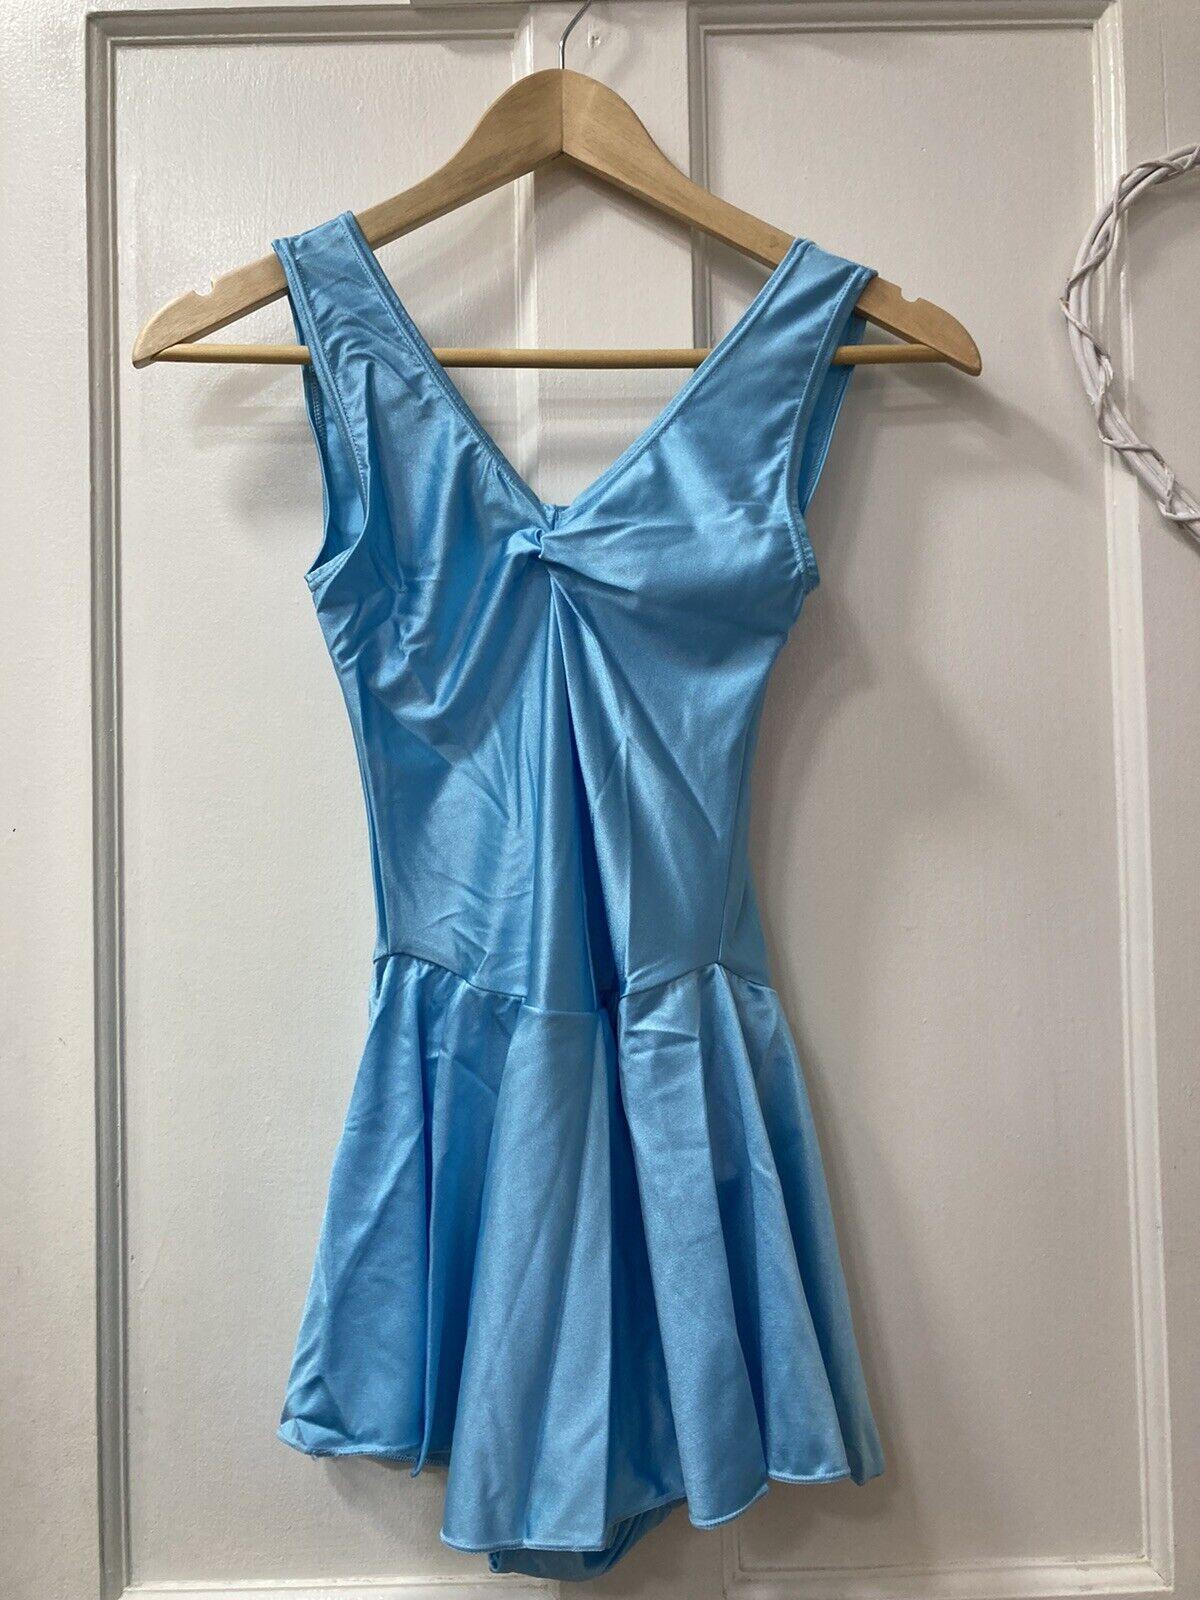 Adiago Skirted Leotard Nylon Light Blue Dance / Josephine Size 4 Joblot